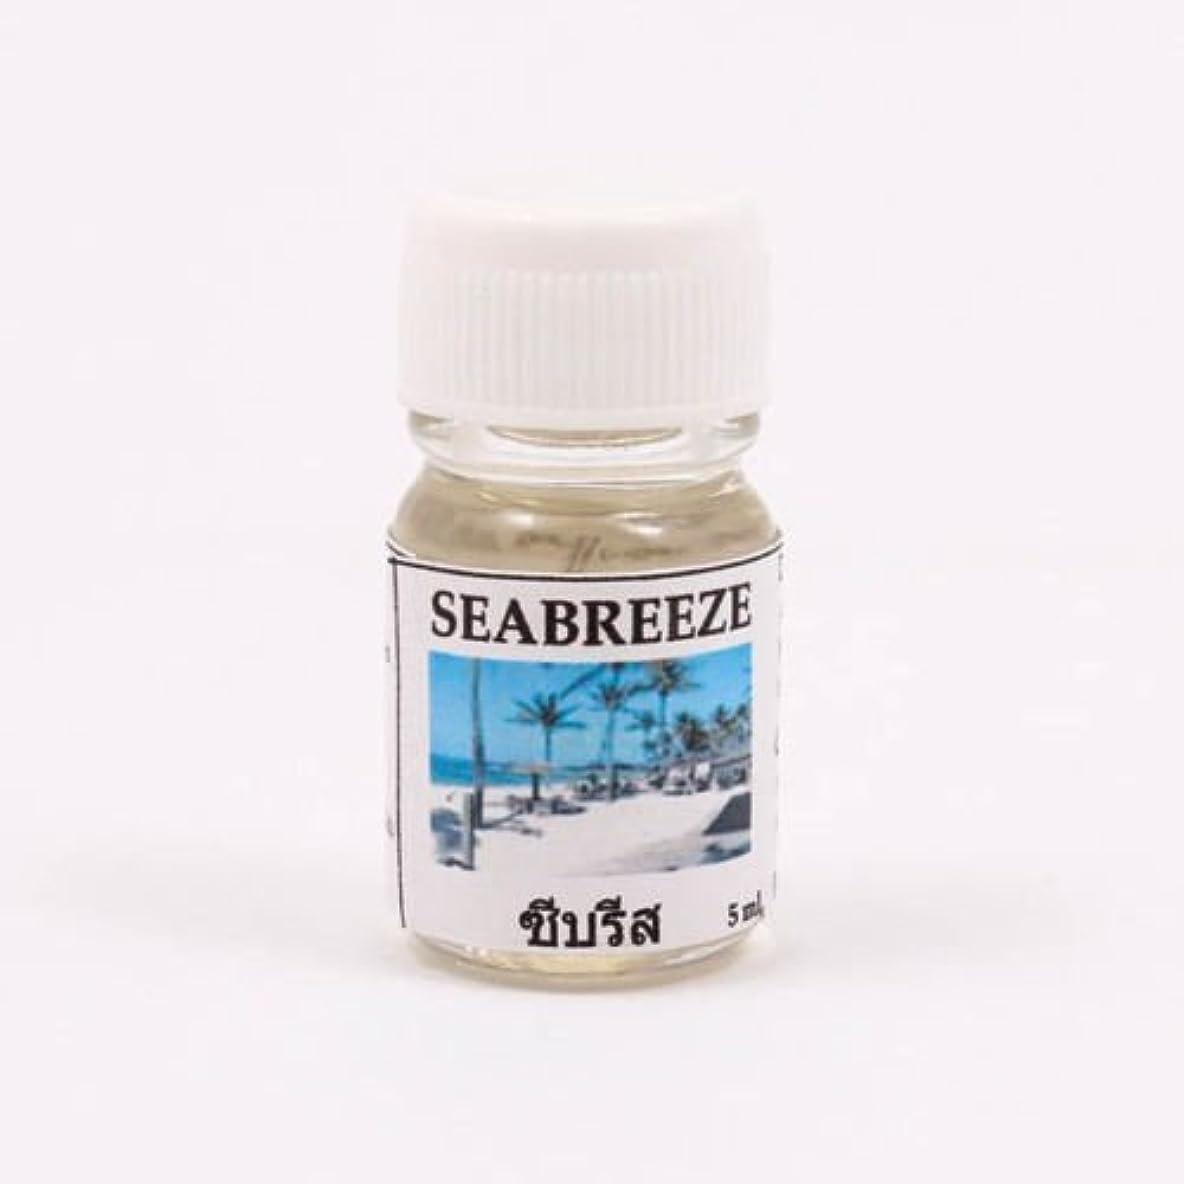 祖母祖母欠席6X Seabreeze Aroma Fragrance Essential Oil 5ML. cc Diffuser Burner Therapy